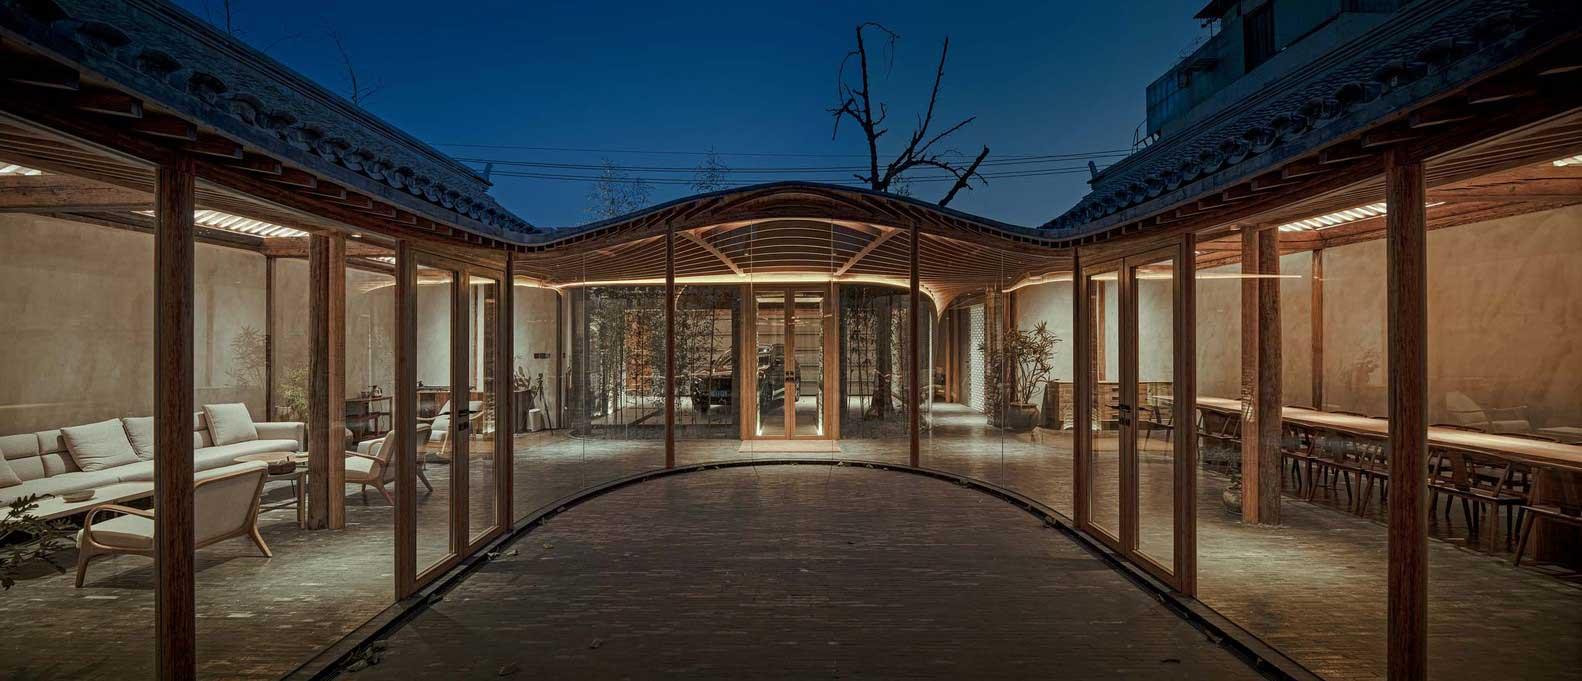 Idee Eclairage Terrasse Piscine cour extérieure de la maison > idées d'aménagement paysager